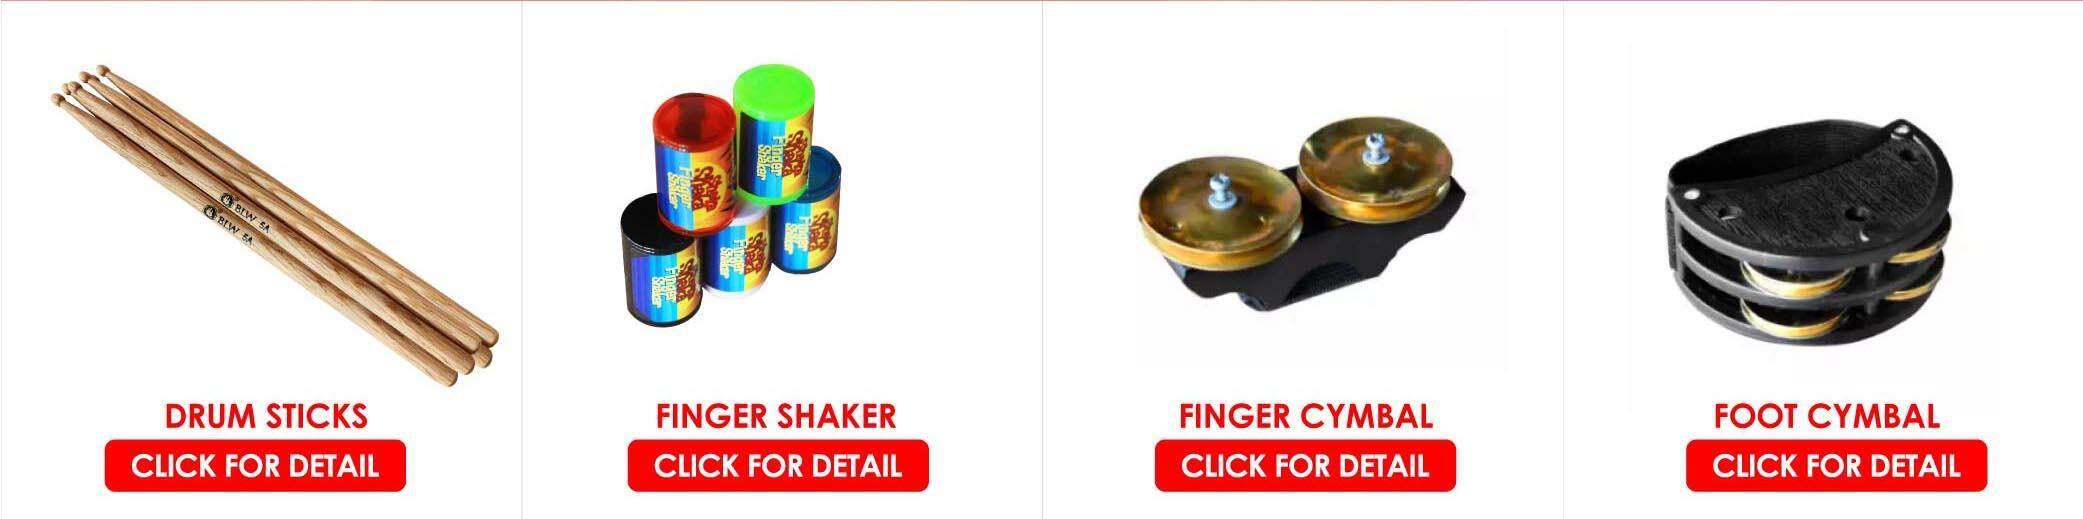 accessories_3.jpg